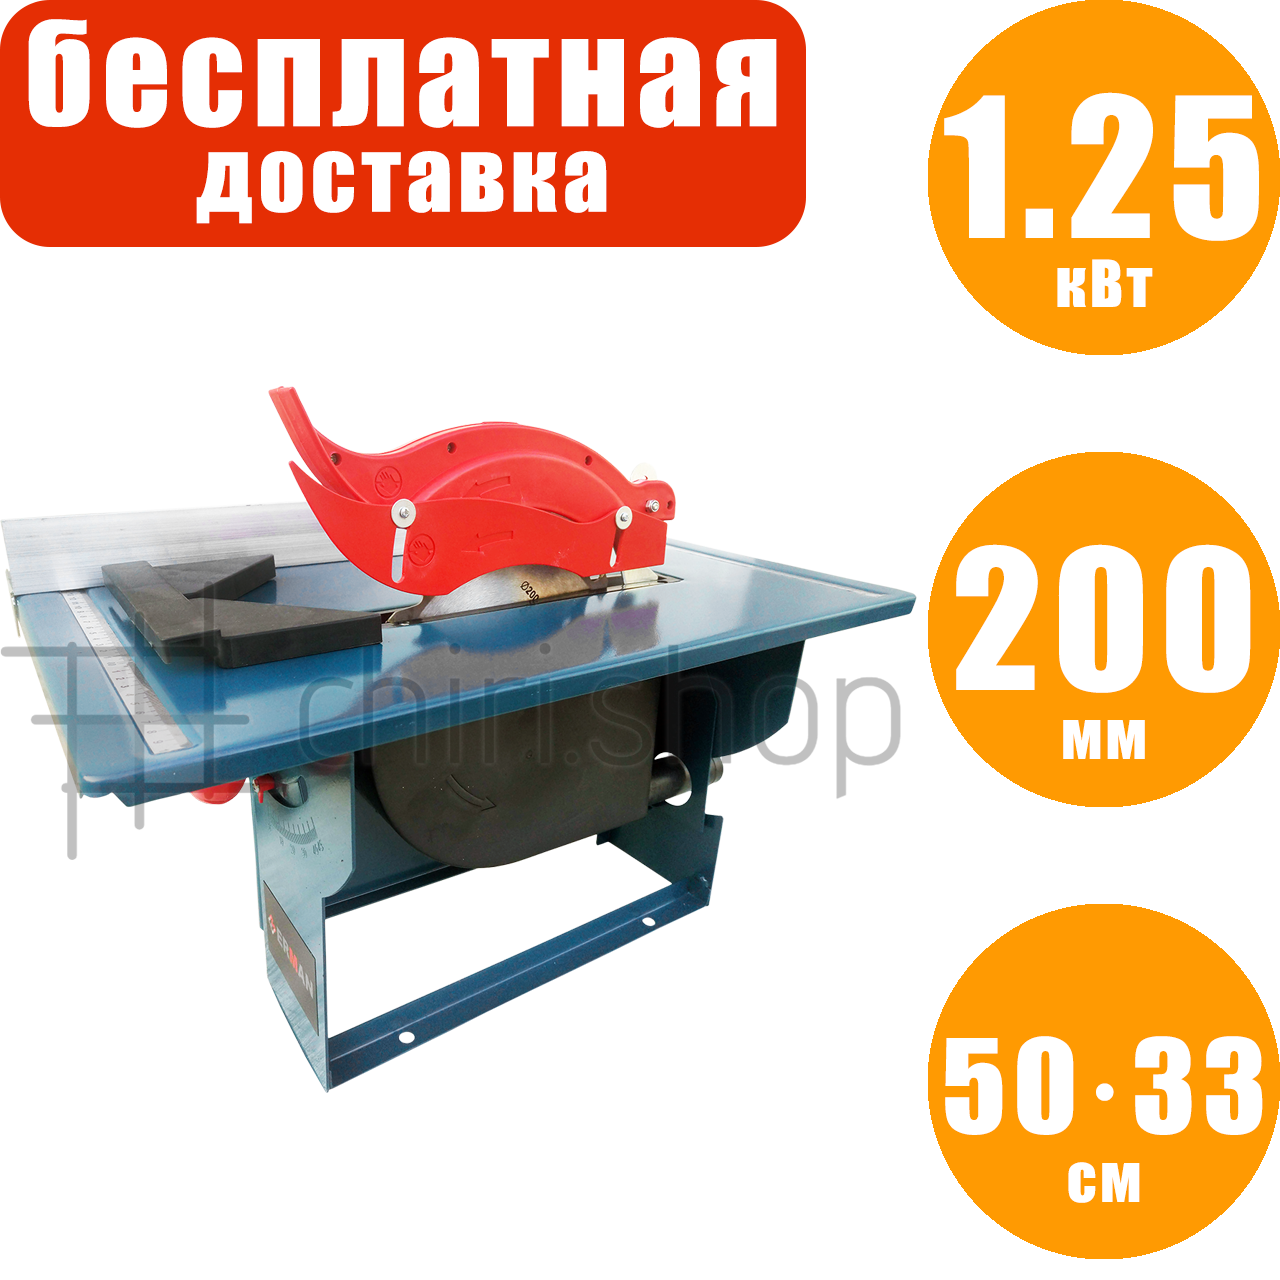 Настольная циркулярная пила Erman TS 104, 200 мм, 50*33 см, настольная дисковая пила, станок распиловочный